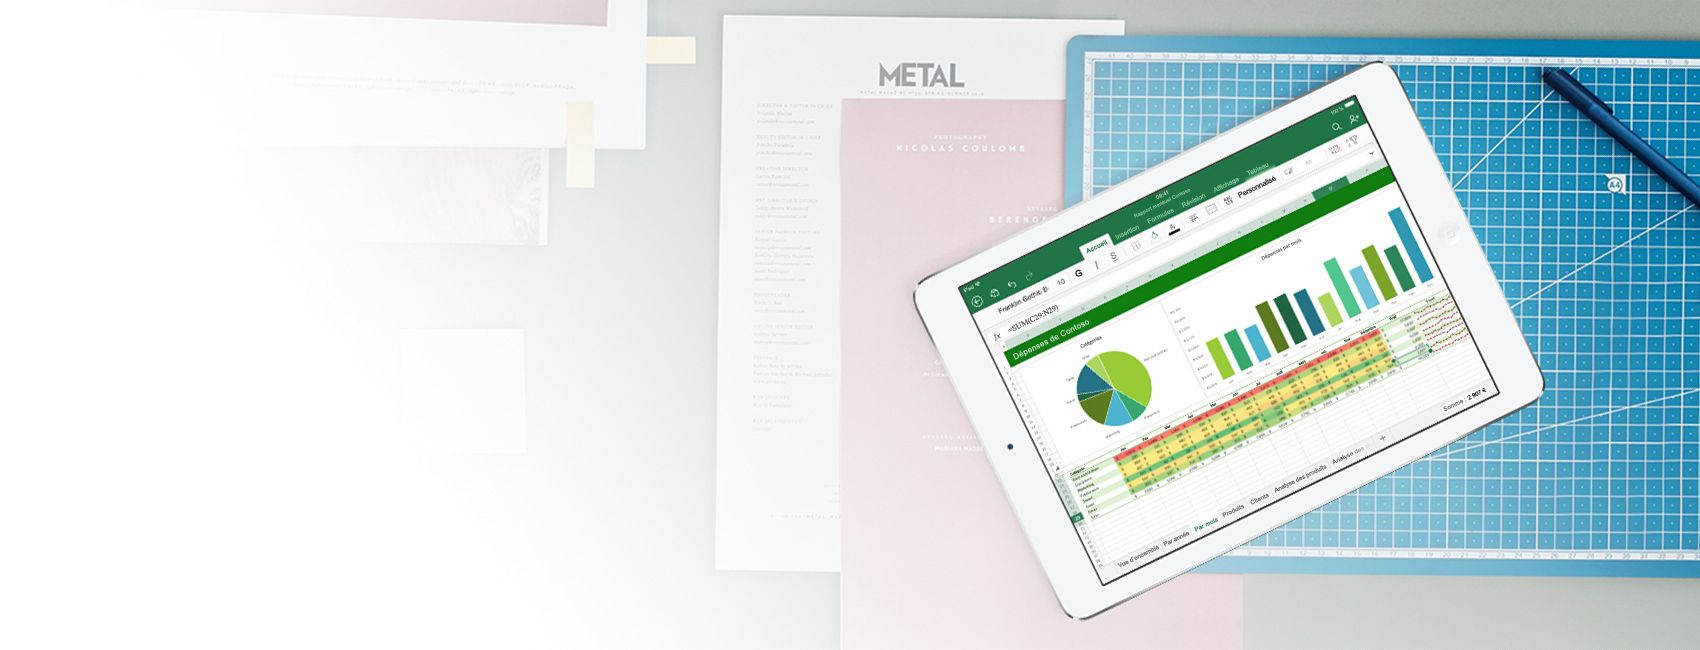 iPad affichant une feuille de calcul et un graphique Excel dans l'application Excel pour iOS